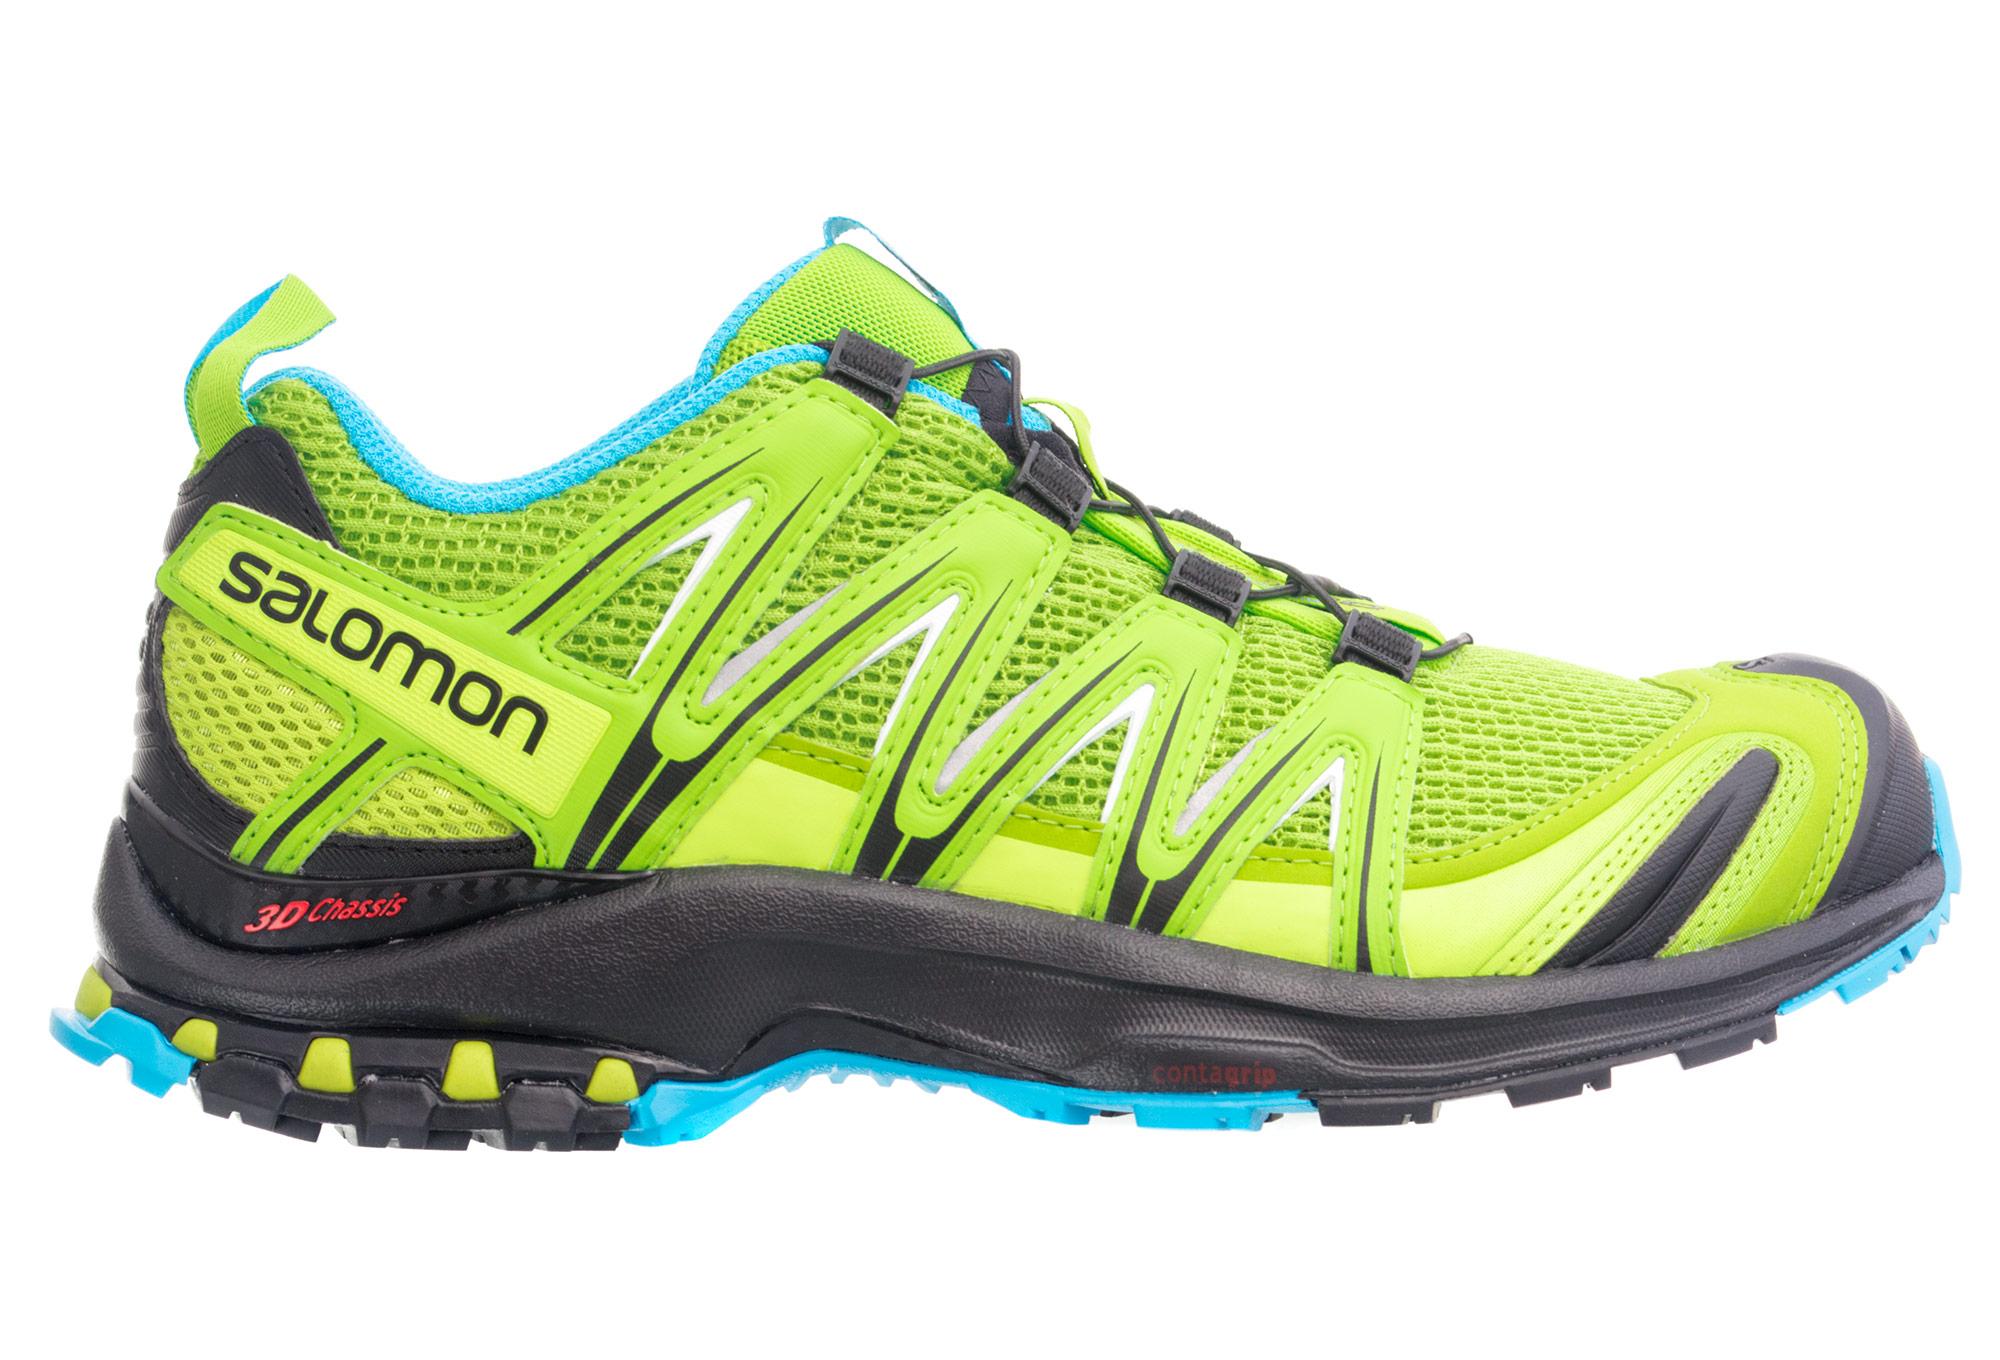 Chaussures Trail Salomon XA PRO 3D J Rouge Enfants. Retrouvez tous les articles de la marque Salomon pas cher sur CrazyPrices.ch